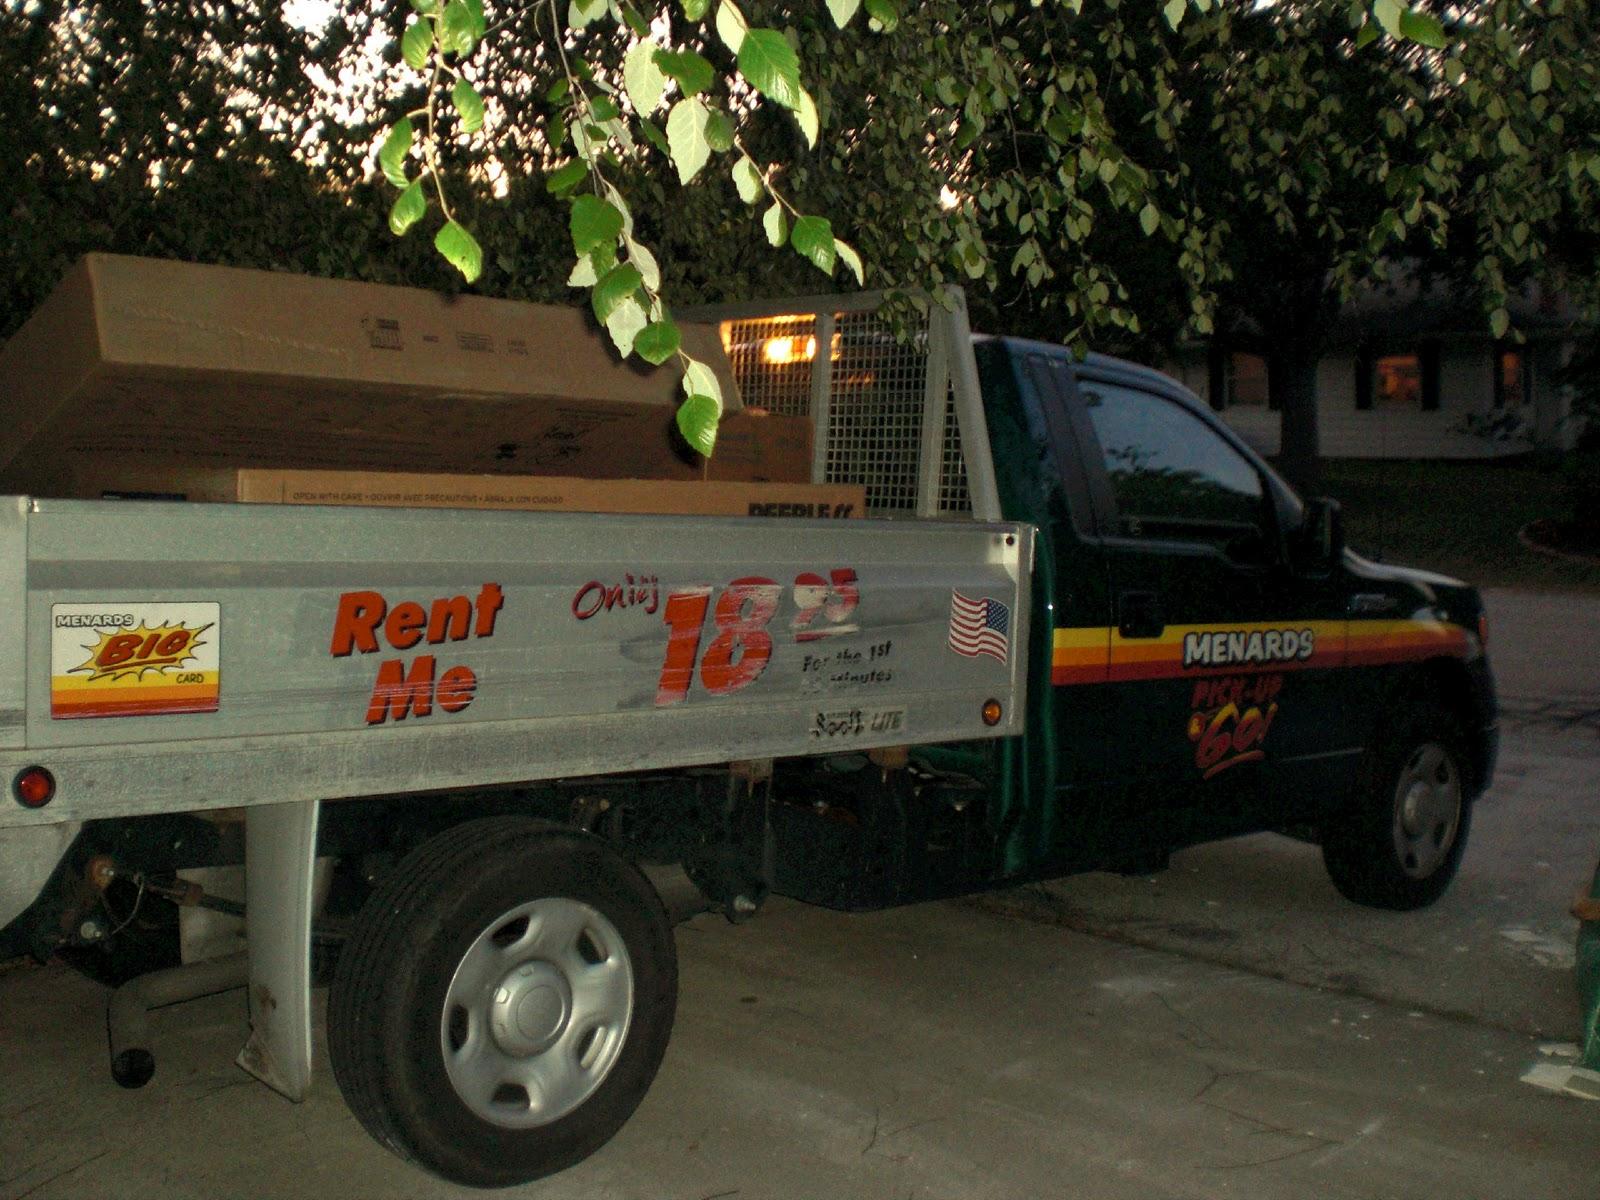 Menards truck rental rate